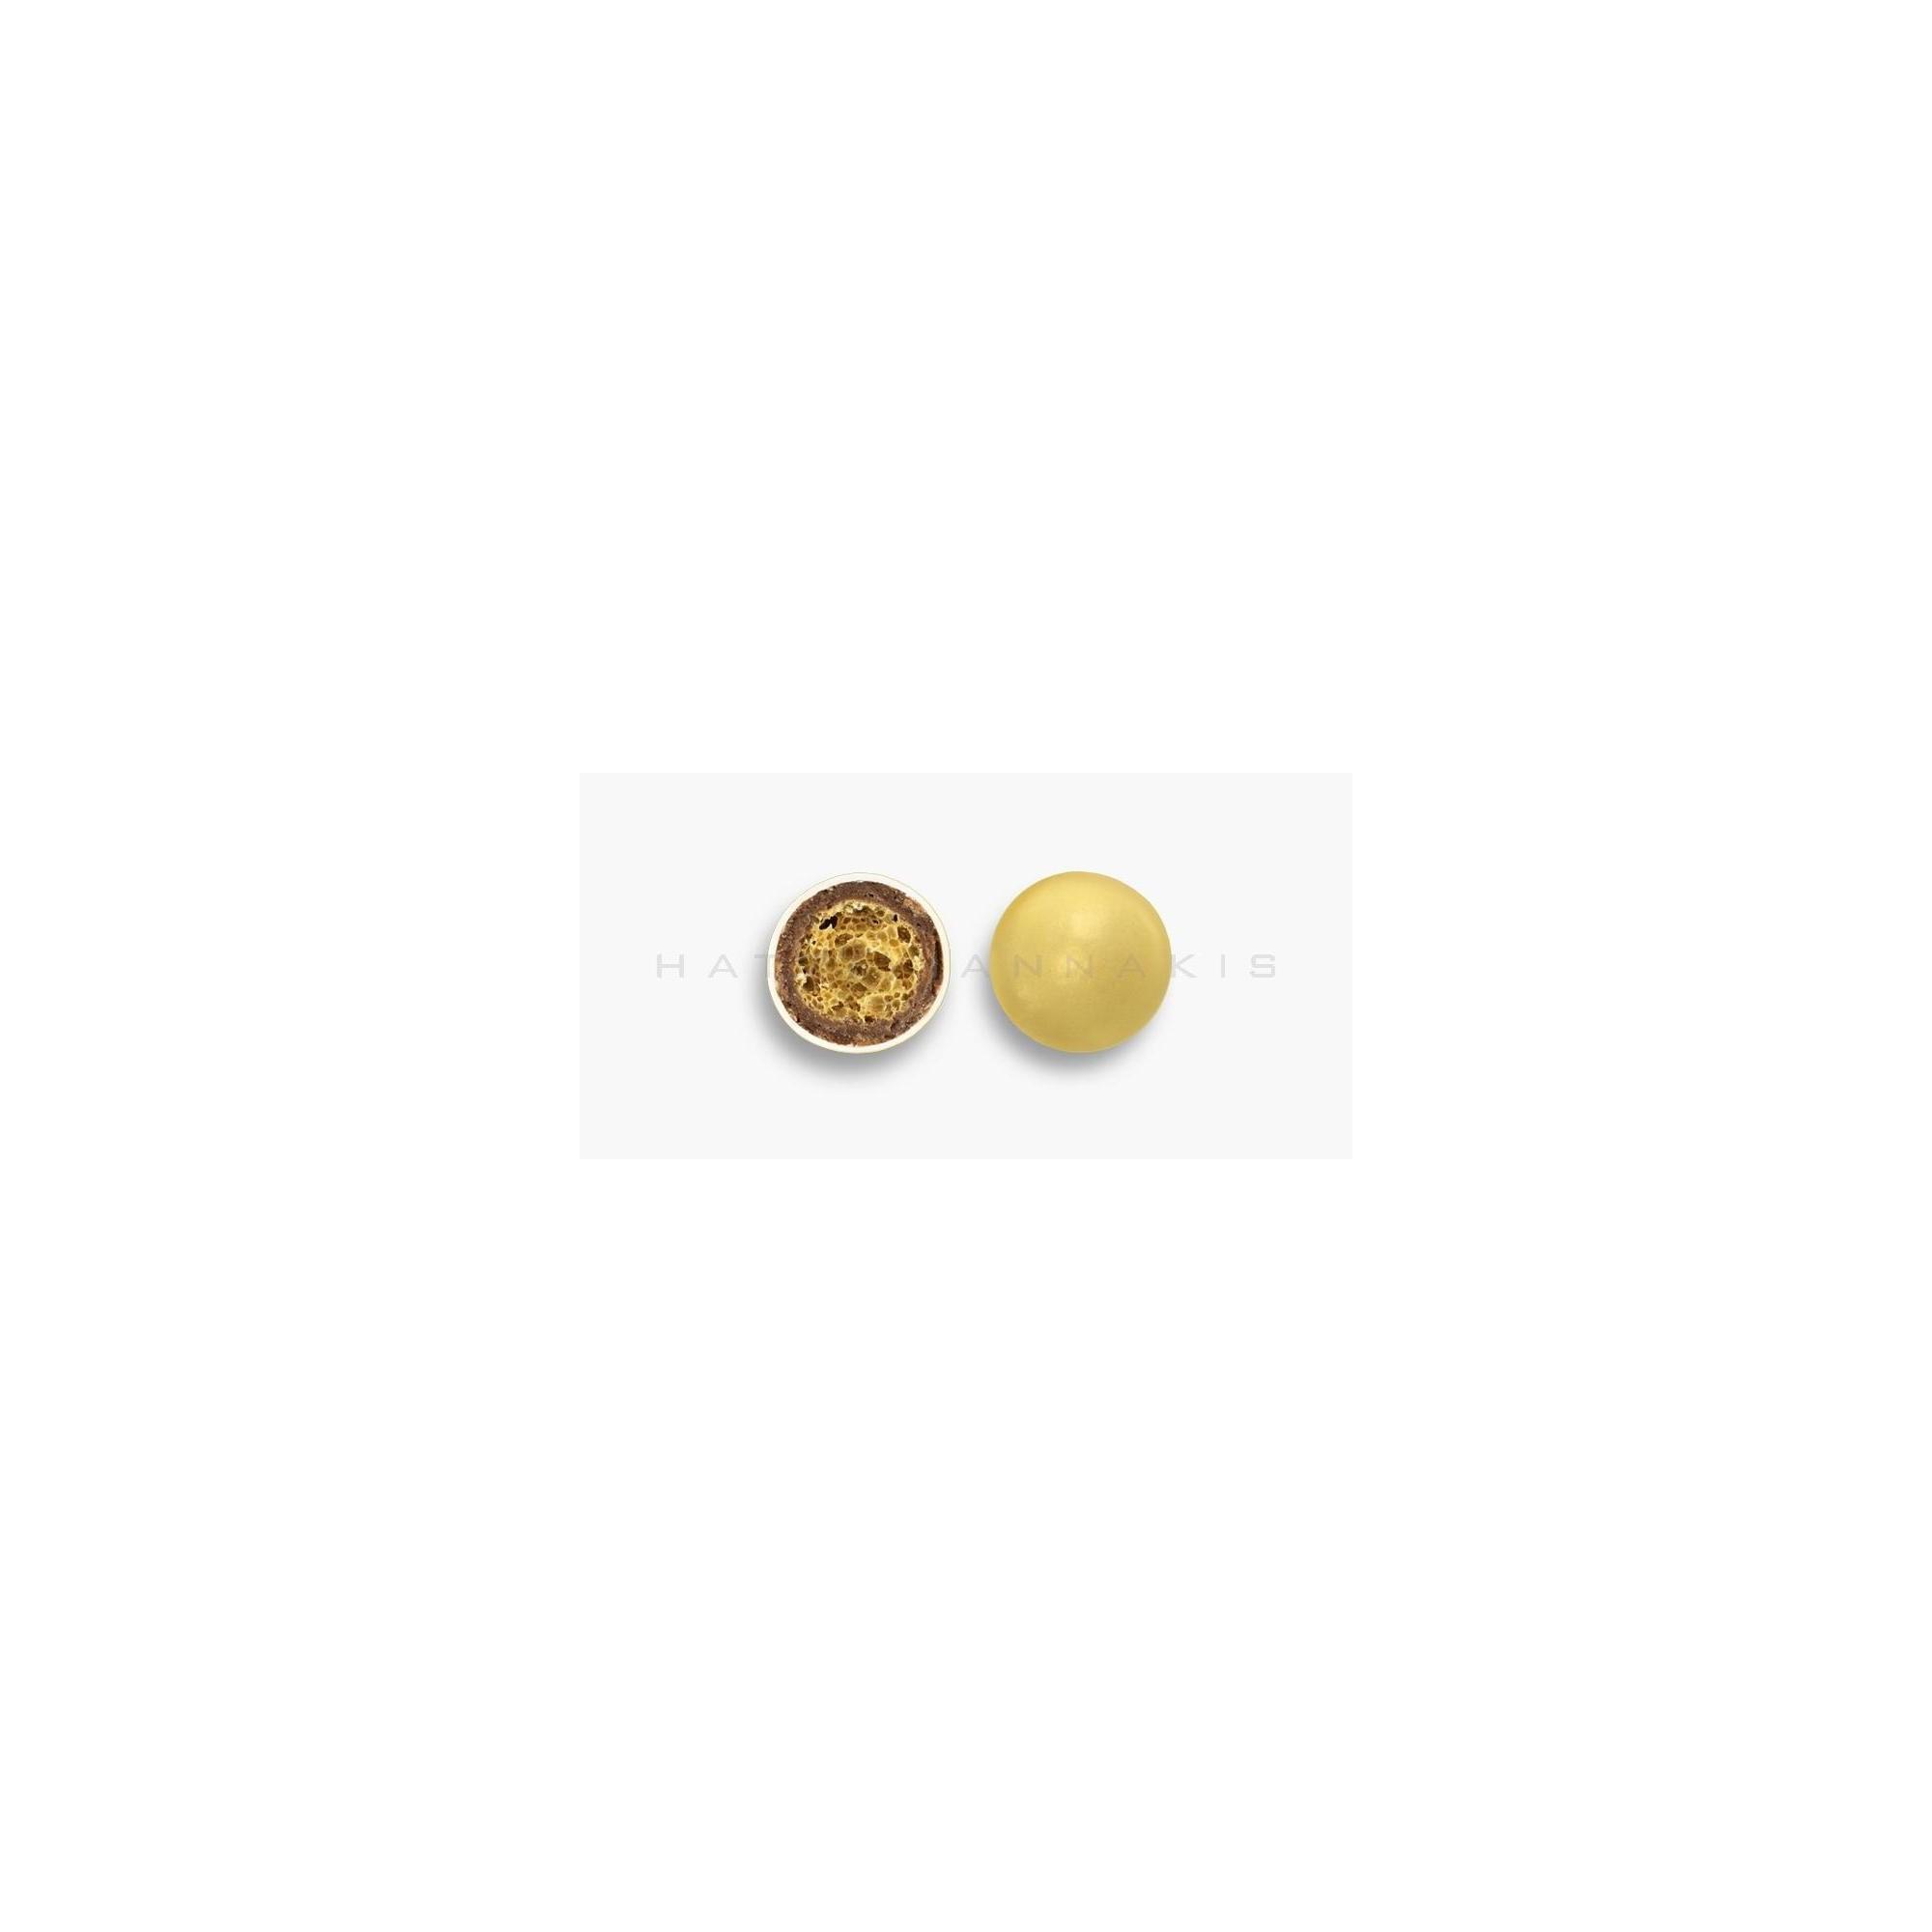 Κουφέτο Crispy Μεταλλιζέ Χρυσό (3kg) - LWG-X1904-3